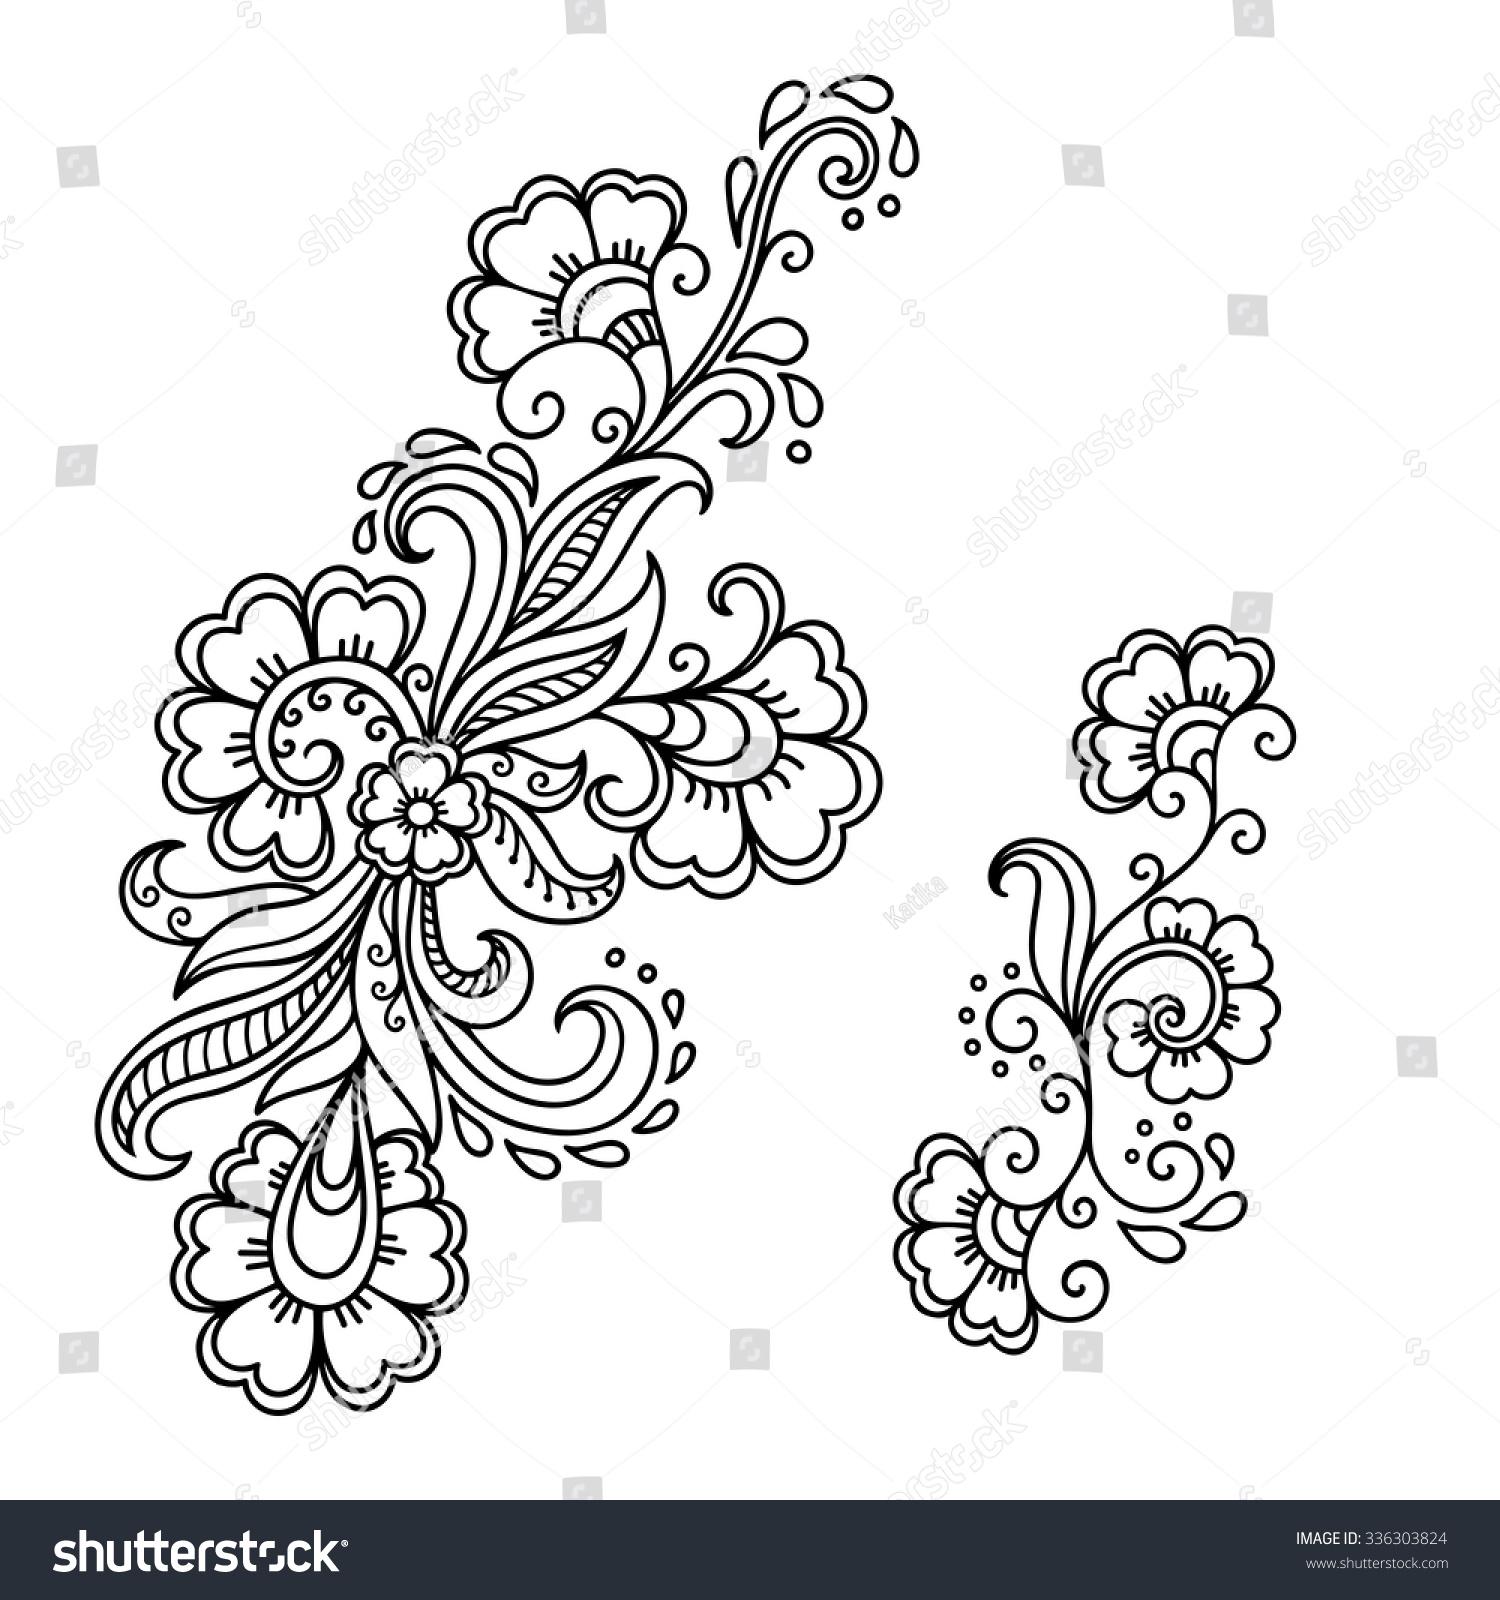 Henna Tattoo Vector: Henna Tattoo Flower Templatemehndi Stock Vector 336303824